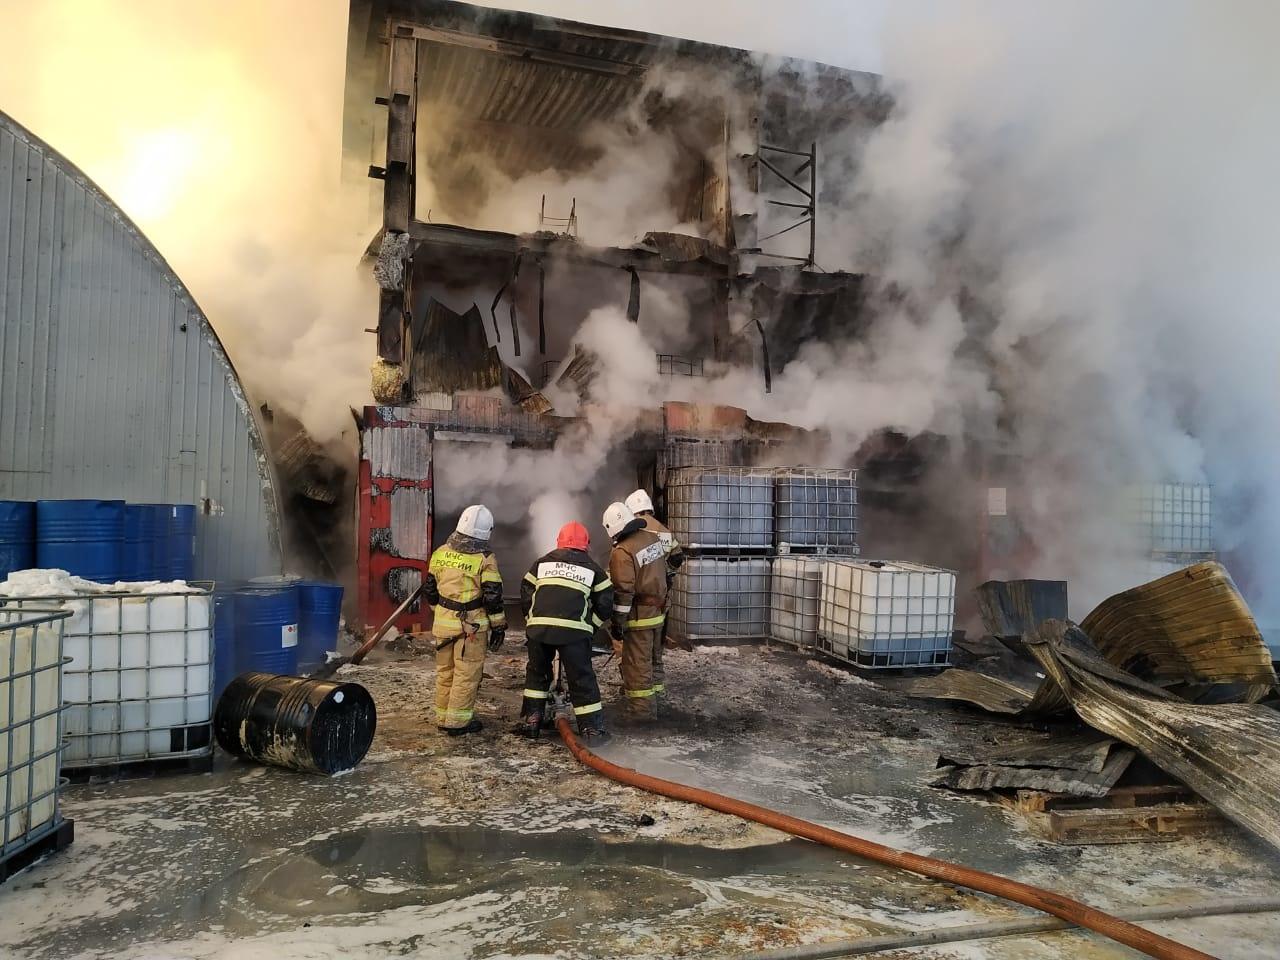 План разрабатывается для определения действий при тушении пожара, даже если он никогда не произойдет.